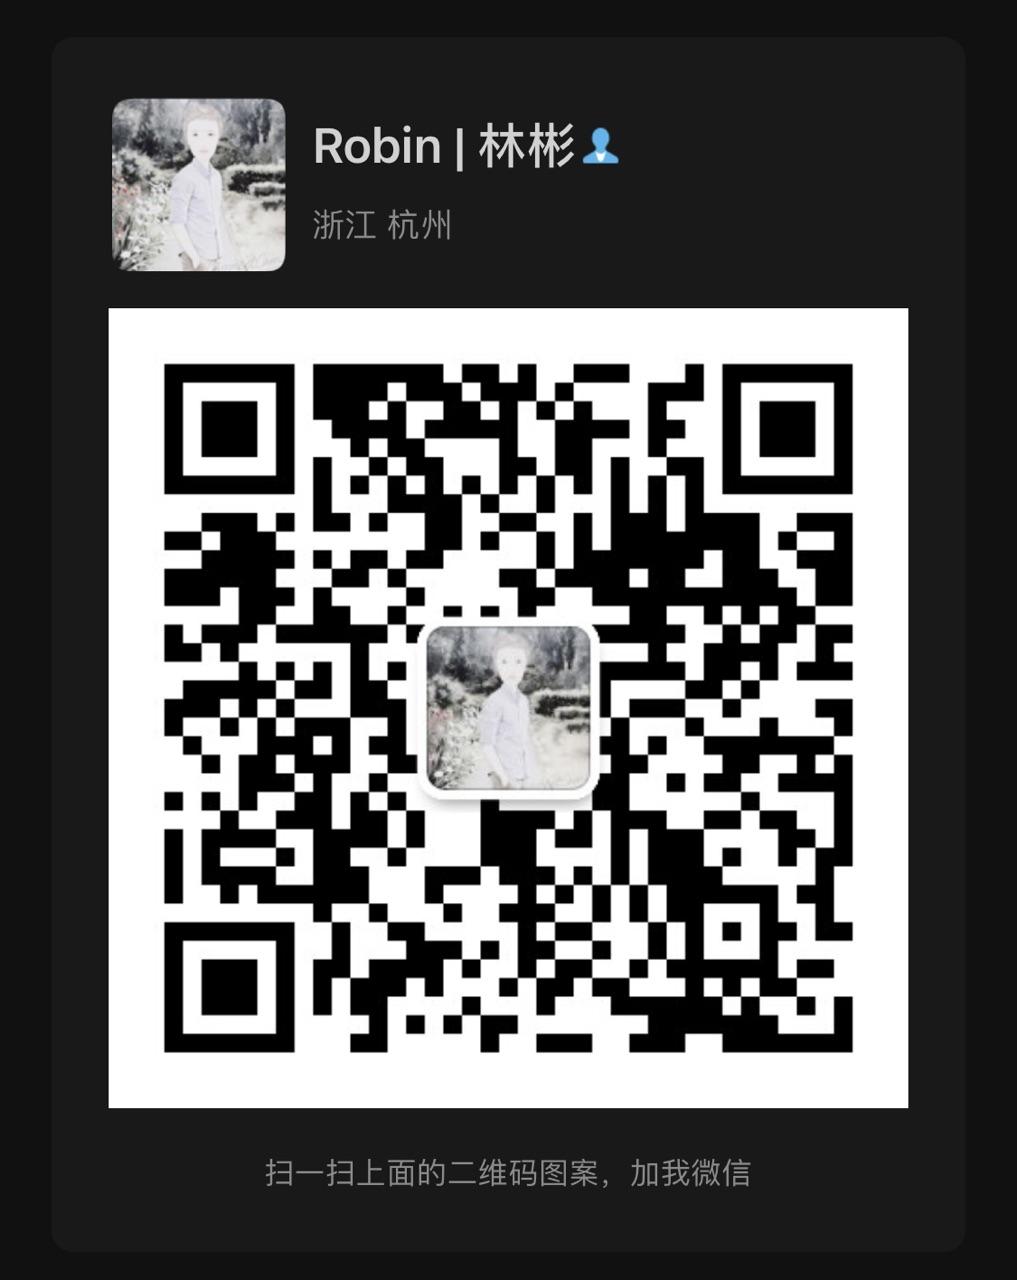 cb2b8a63-3332-4938-87e5-1c0c714e4d5c.jpg